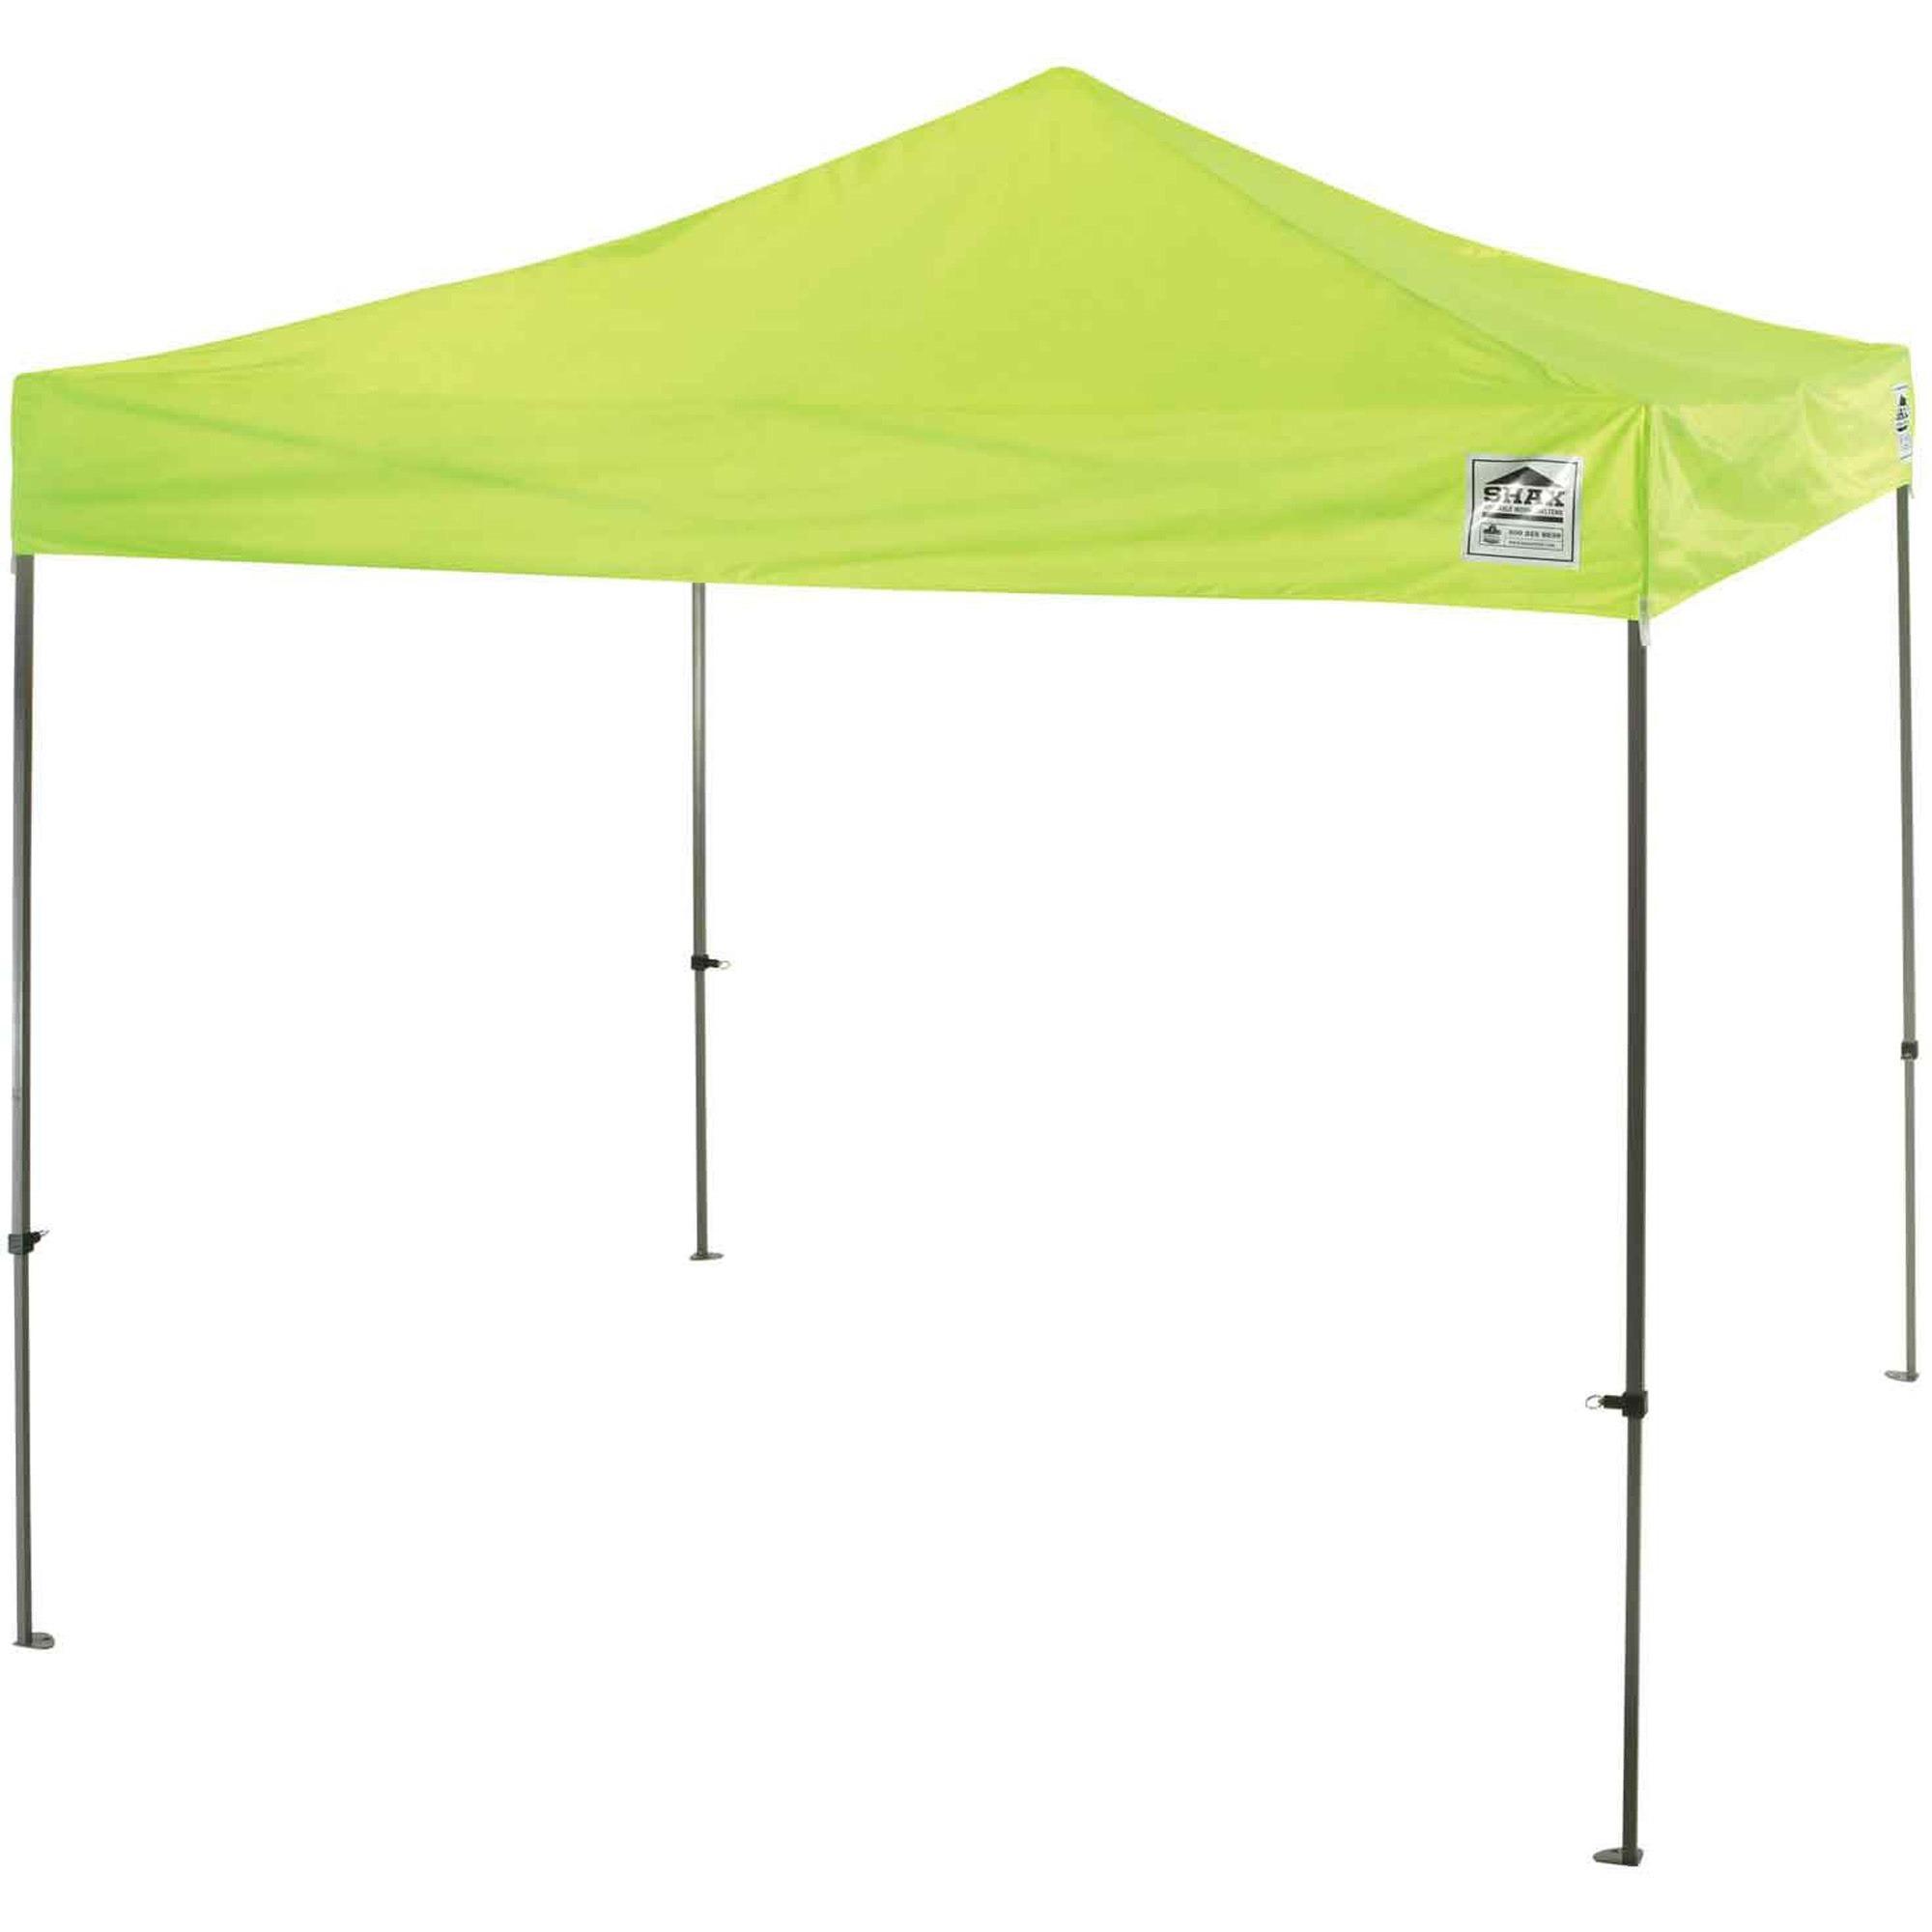 Ergodyne Instant Shelter Canopy